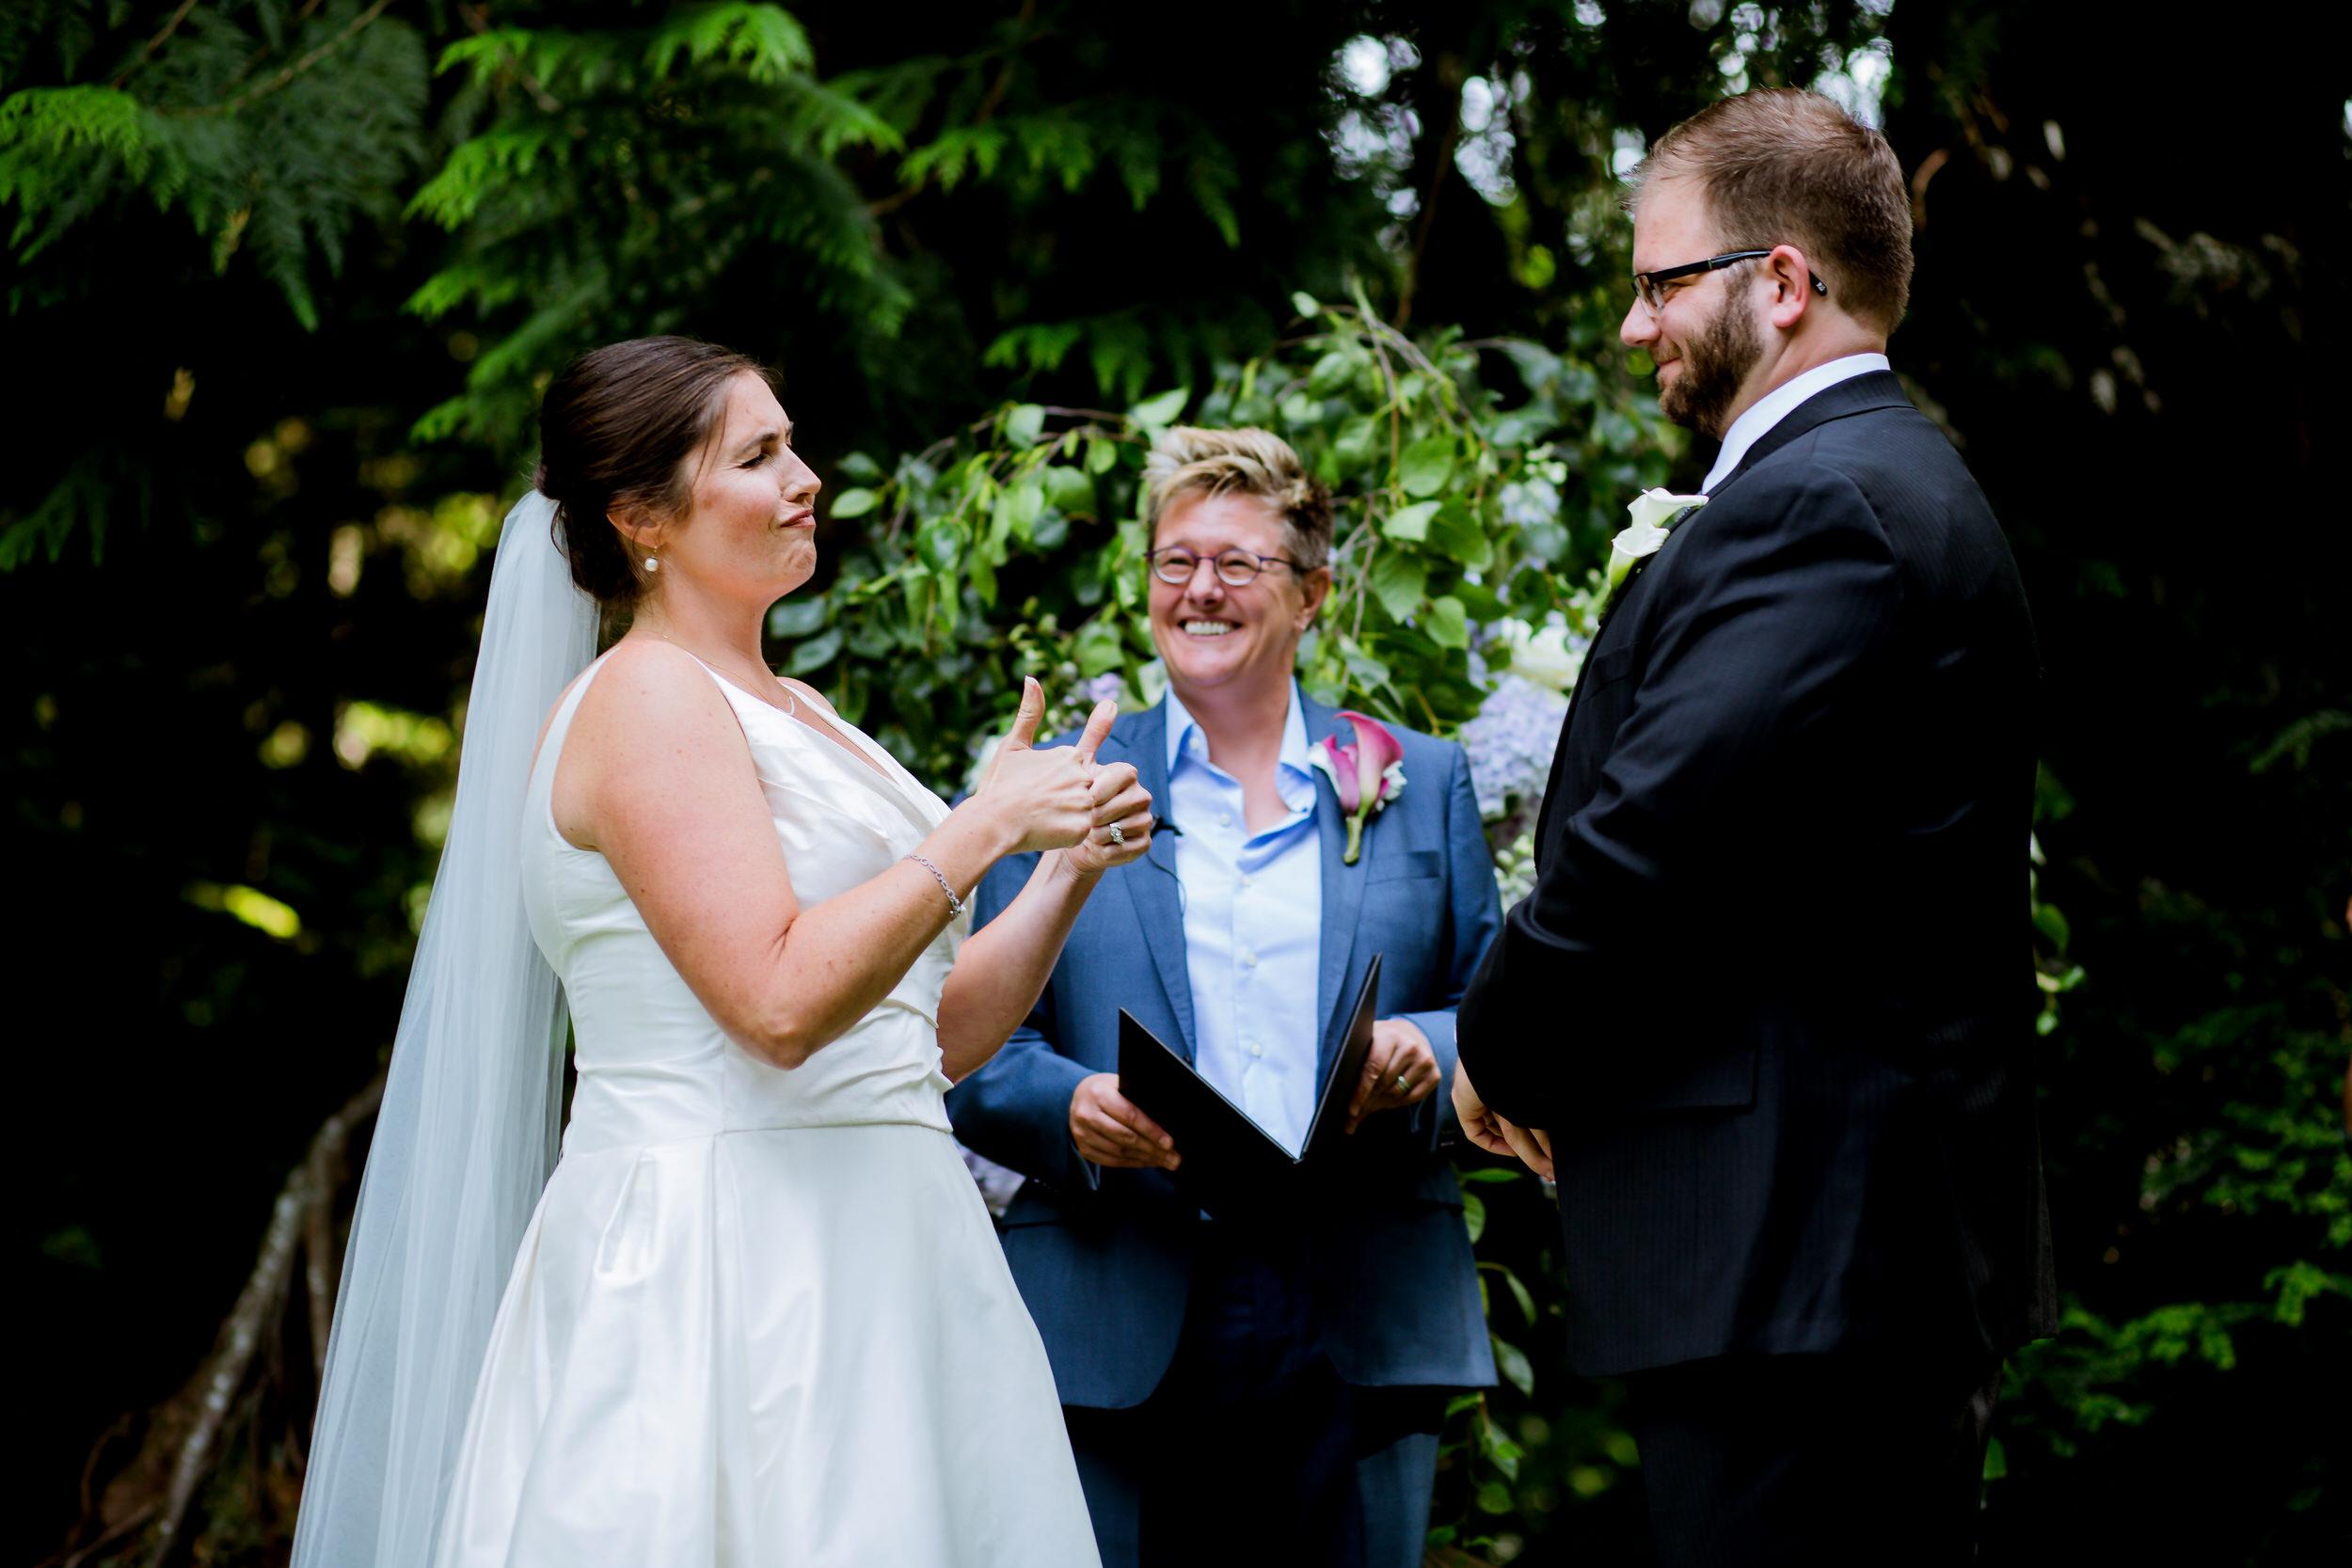 Islandwood_Retreat_Bambridge_Island_Washington_Wedding_026